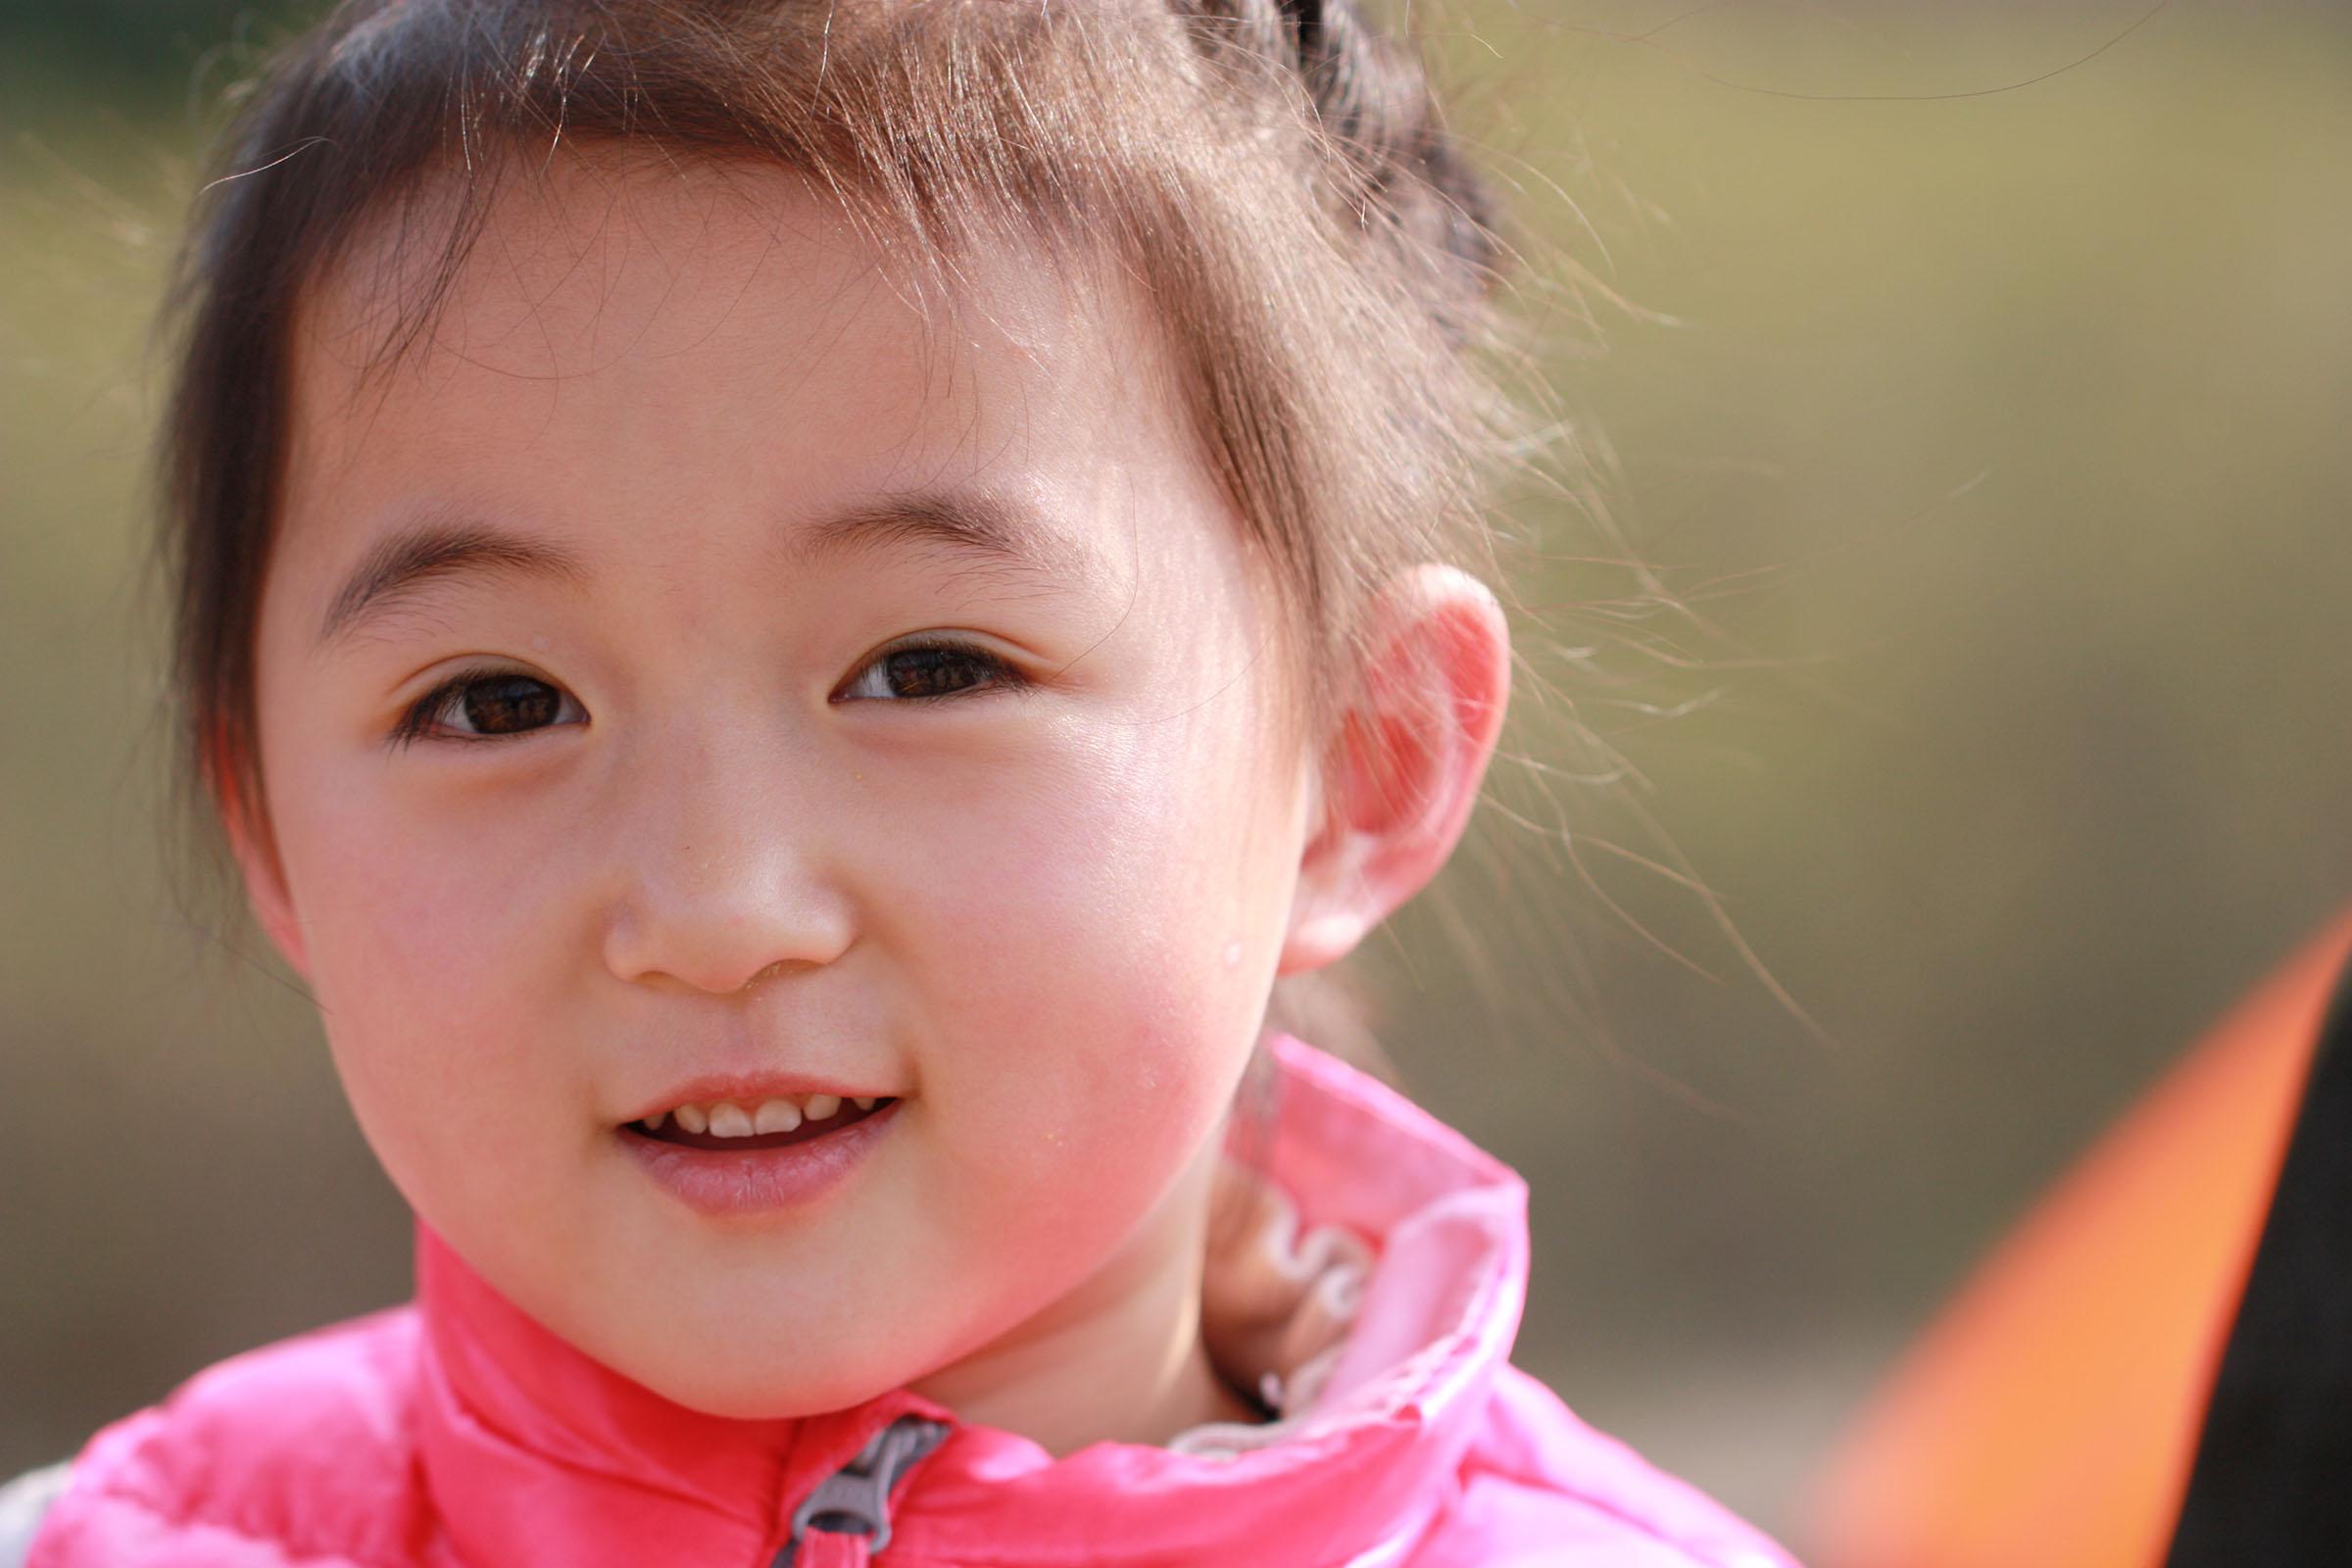 可爱的小孩 笑脸